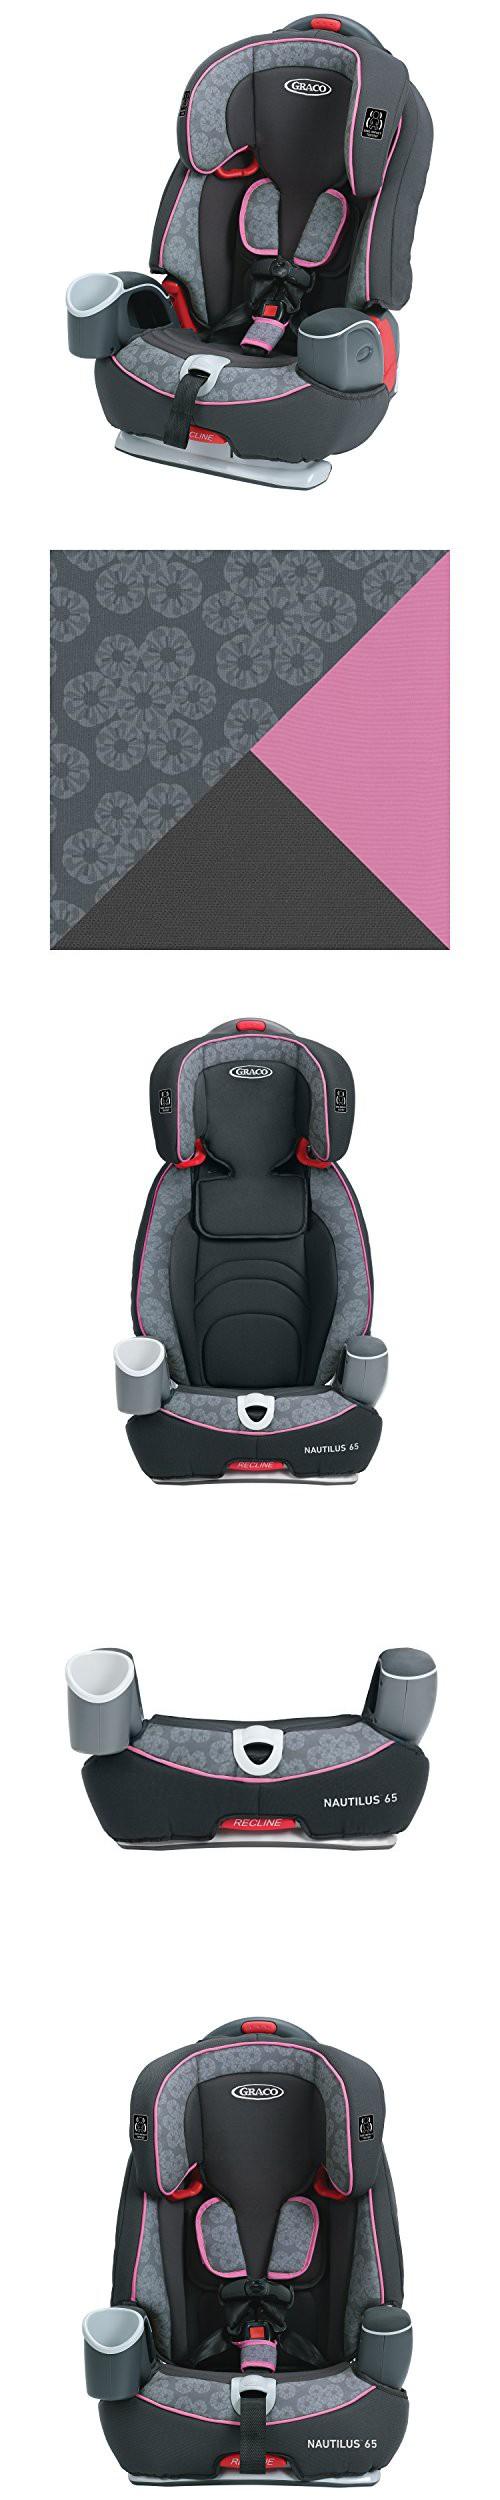 Amazoncom Graco Nautilus 3in1 Car Seat Ellis Baby